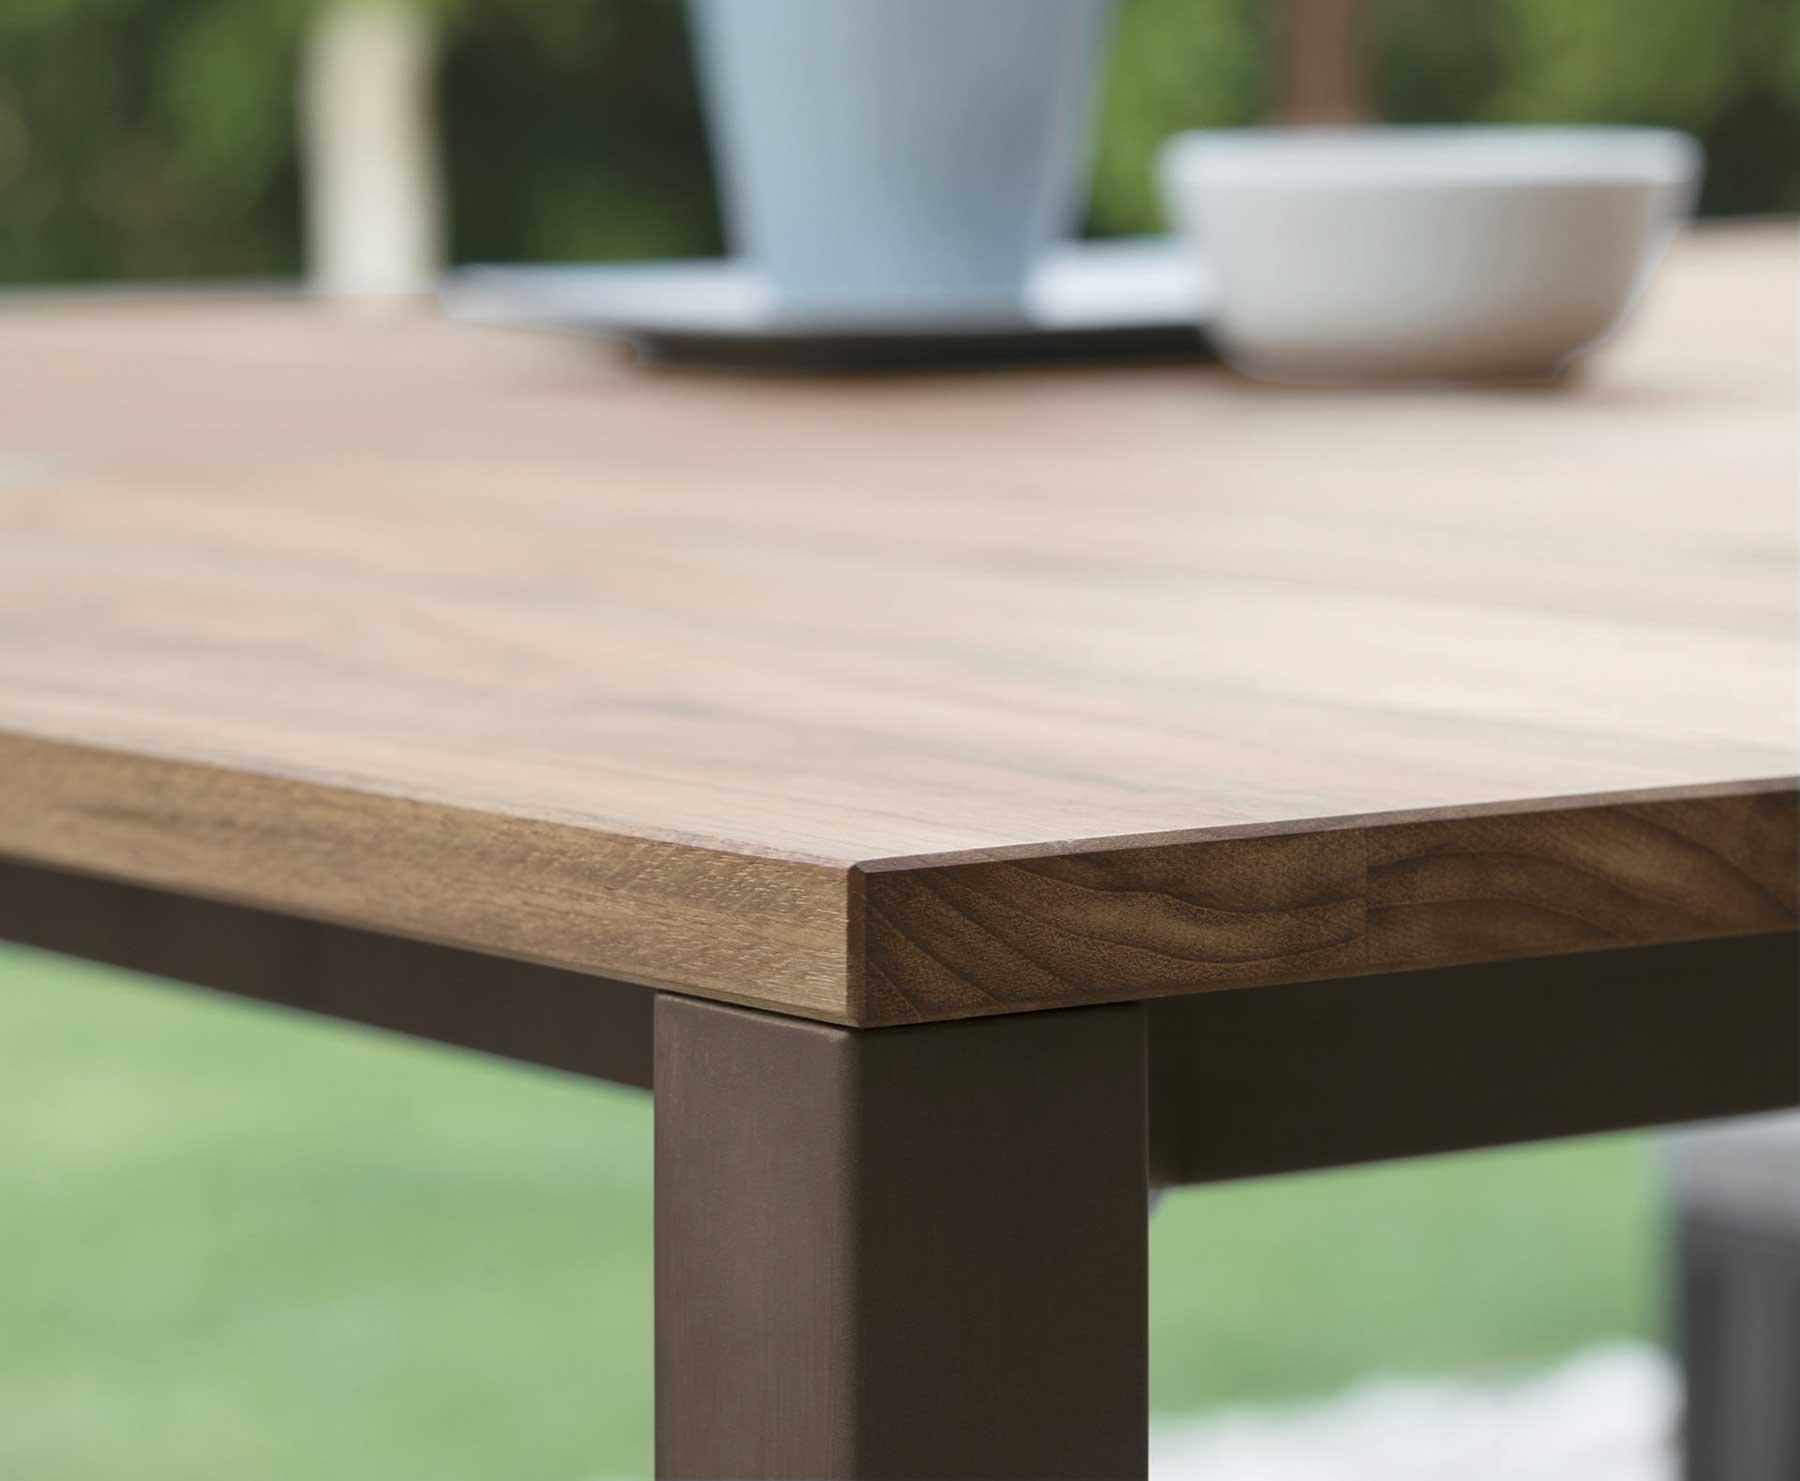 La scelta perfetta per tutti gli amanti del design minimalista e moderno! Santafe Garden Table In Iroko Wood Idd